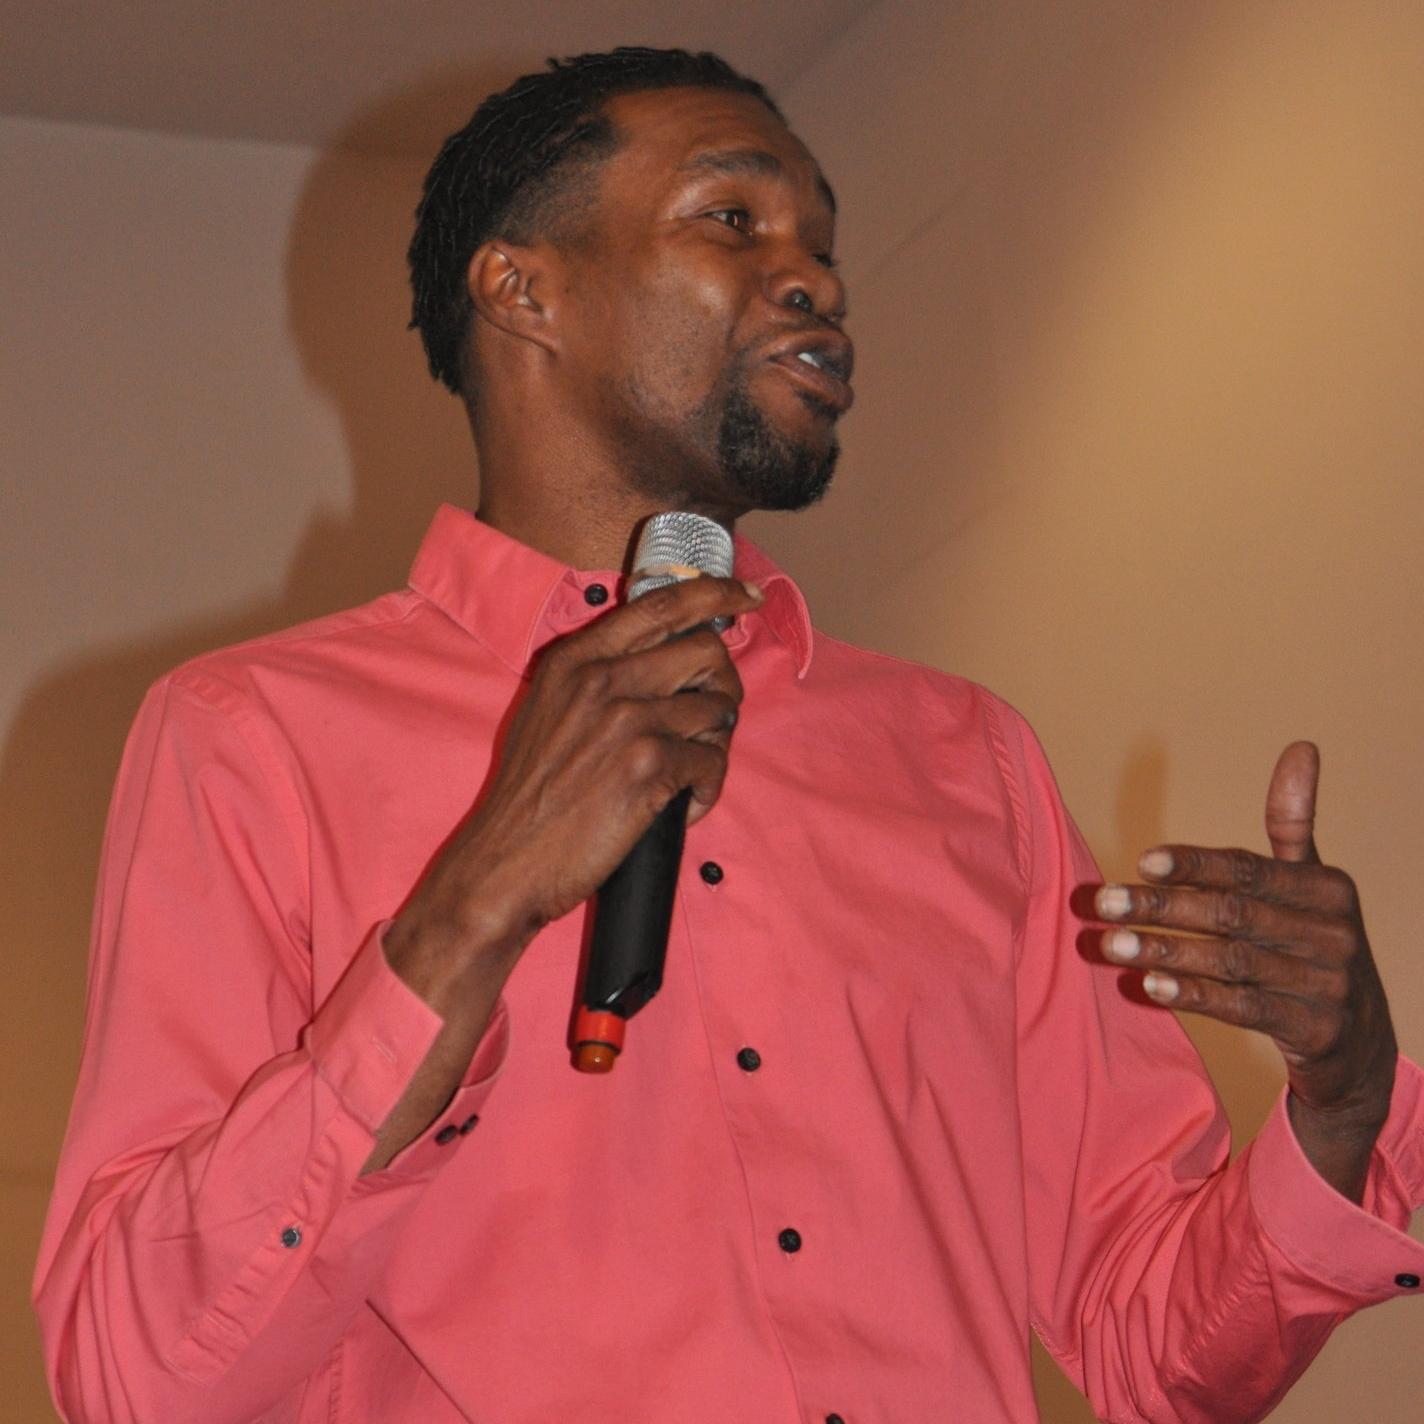 Manu Lewis, Northside Community Leader